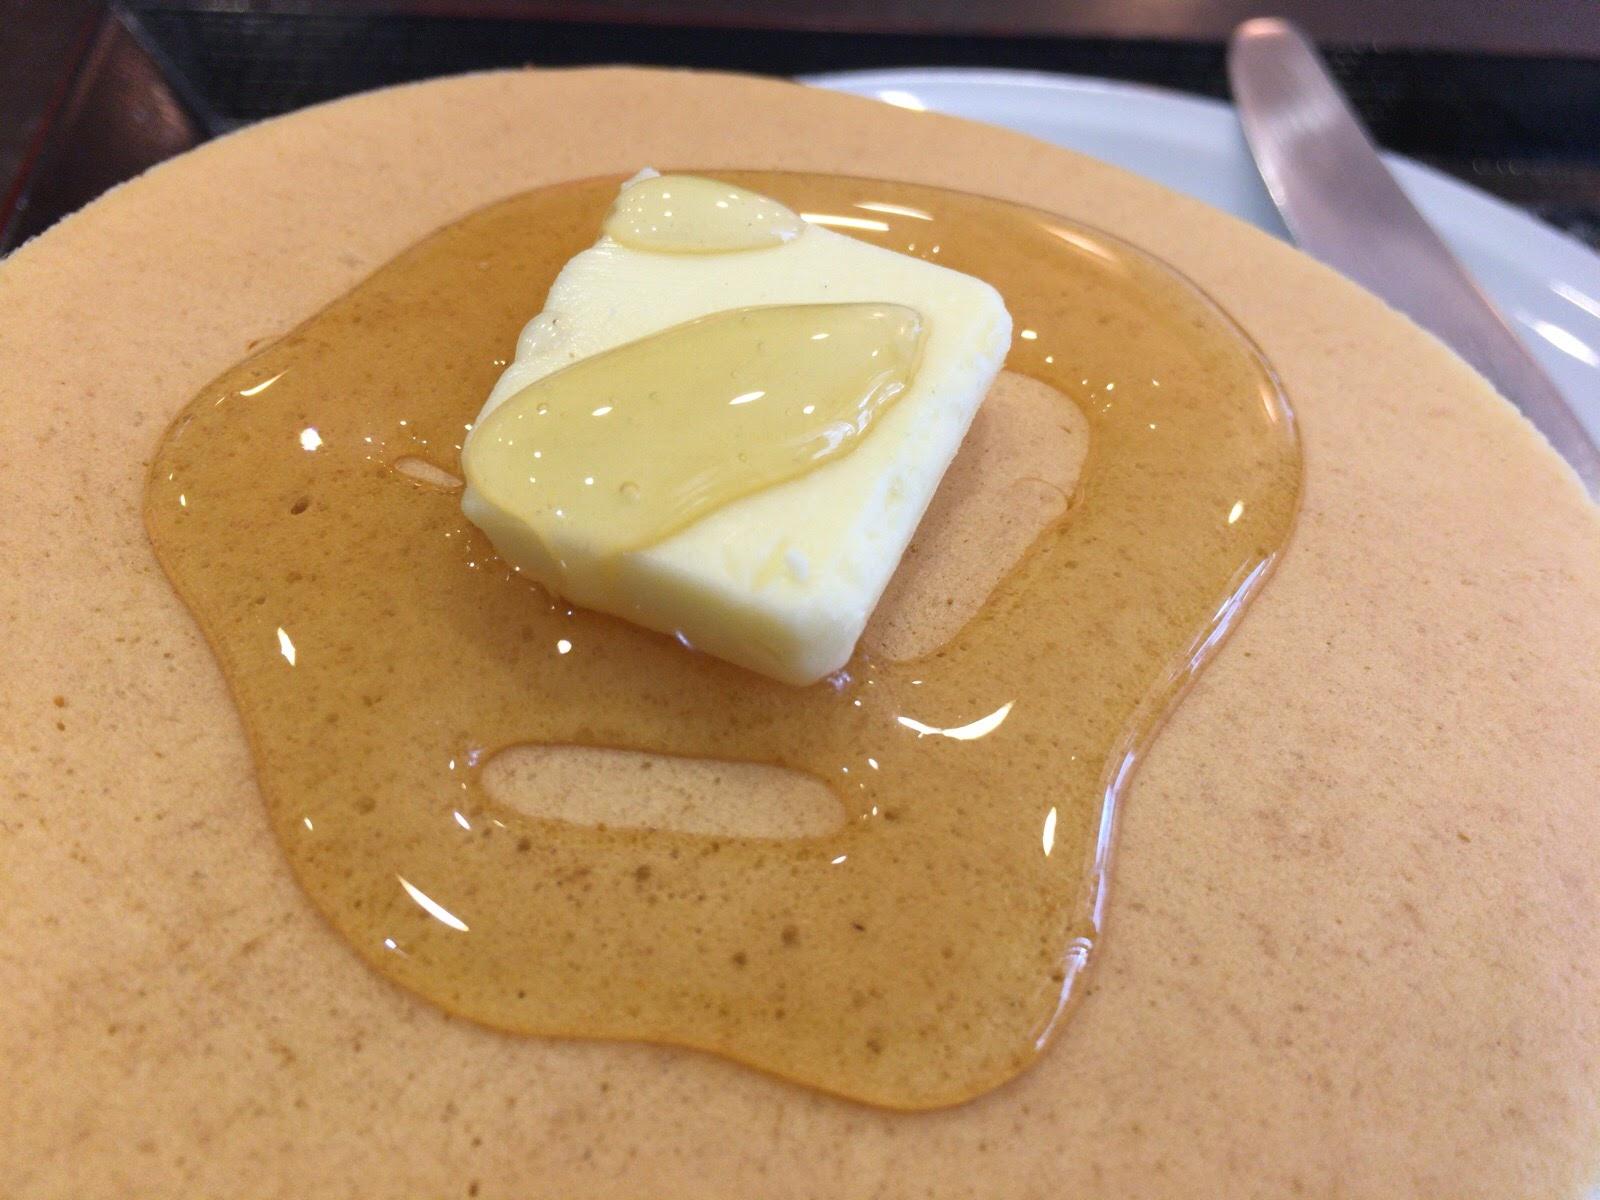 甘味処 華樓 | 大泉学園にて絶品すぎるホットケーキと抹茶を食す。昔ながらの和カフェにほっこり